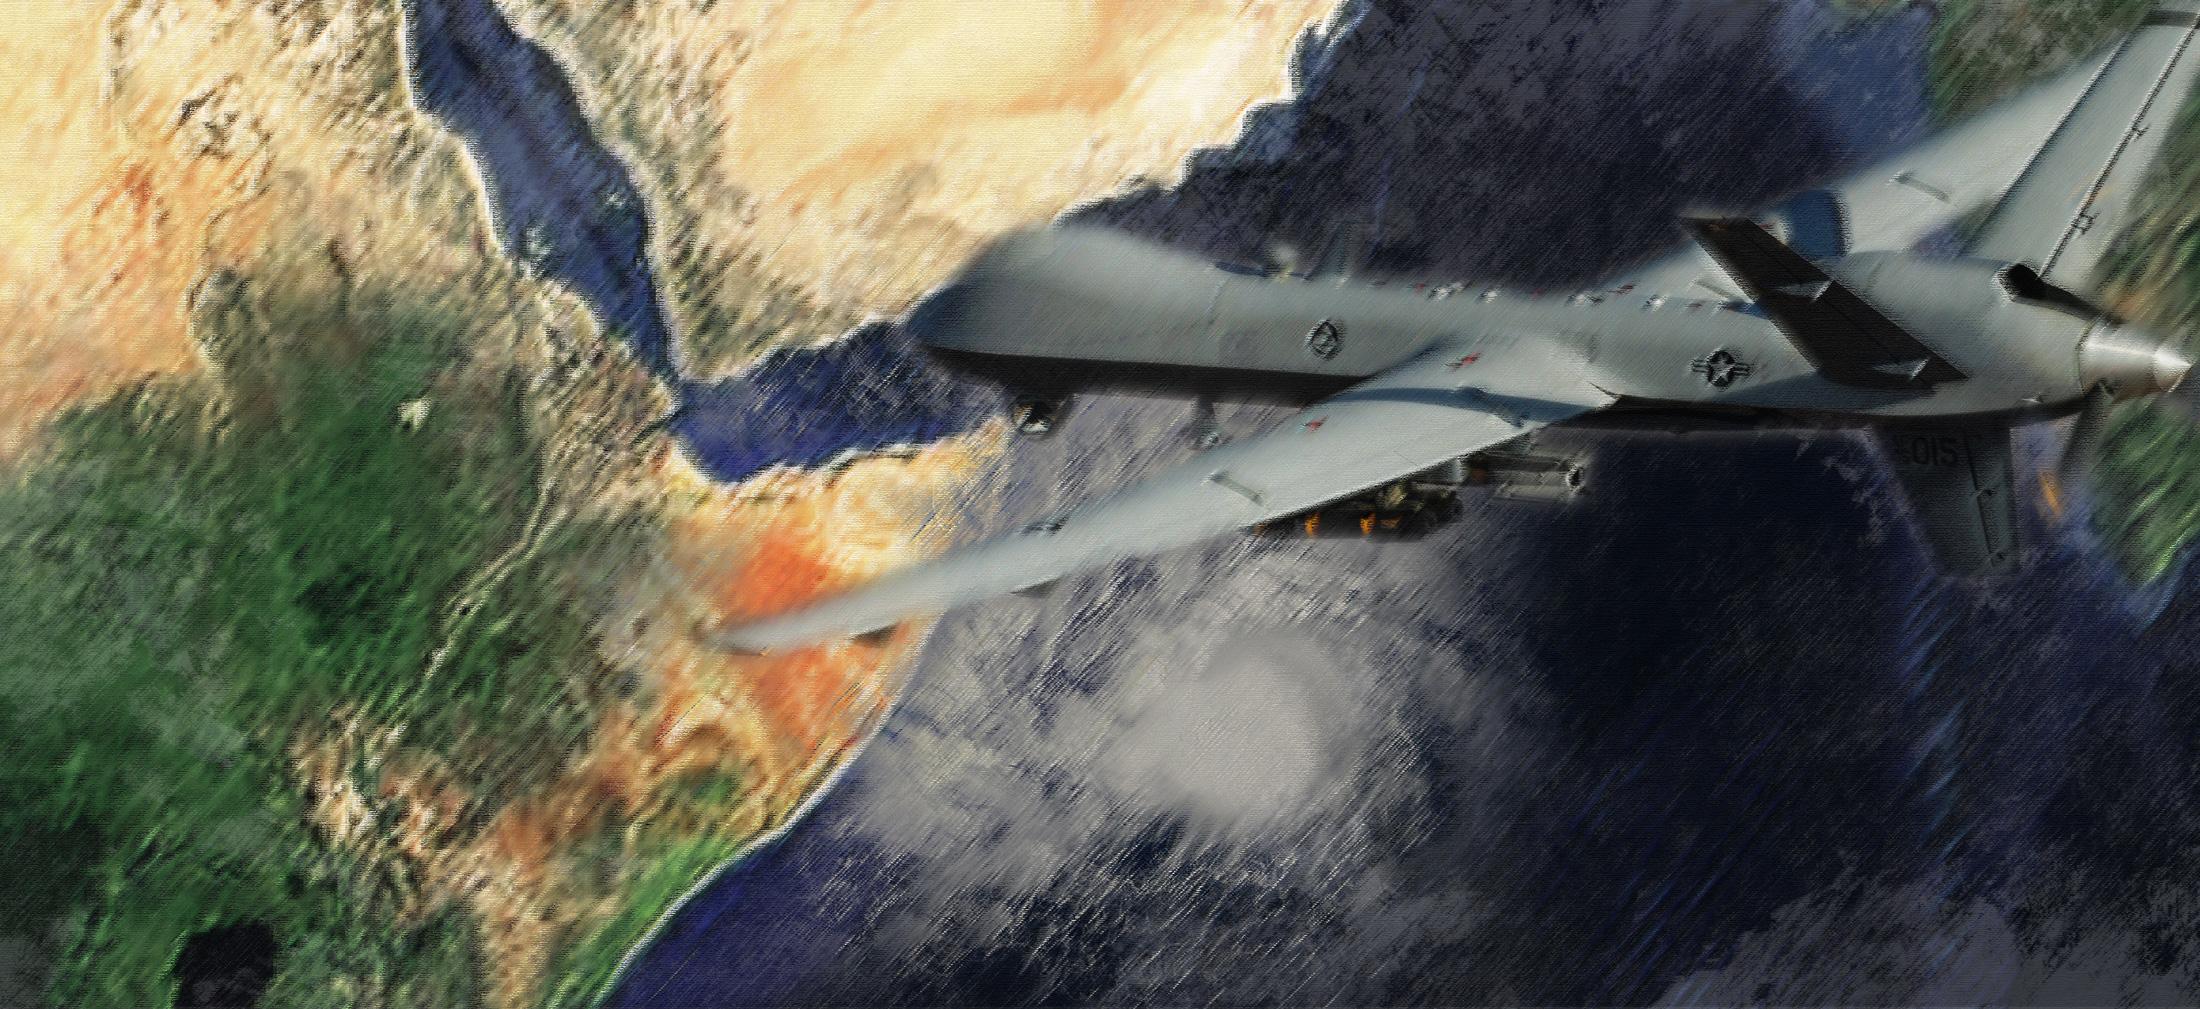 Die USA eskalieren ihre Luftangriffe in Somalia <br>  <span id='sec-title'>Menschenrechtsgruppen in Sorge um steigende zivile Opfer</span>